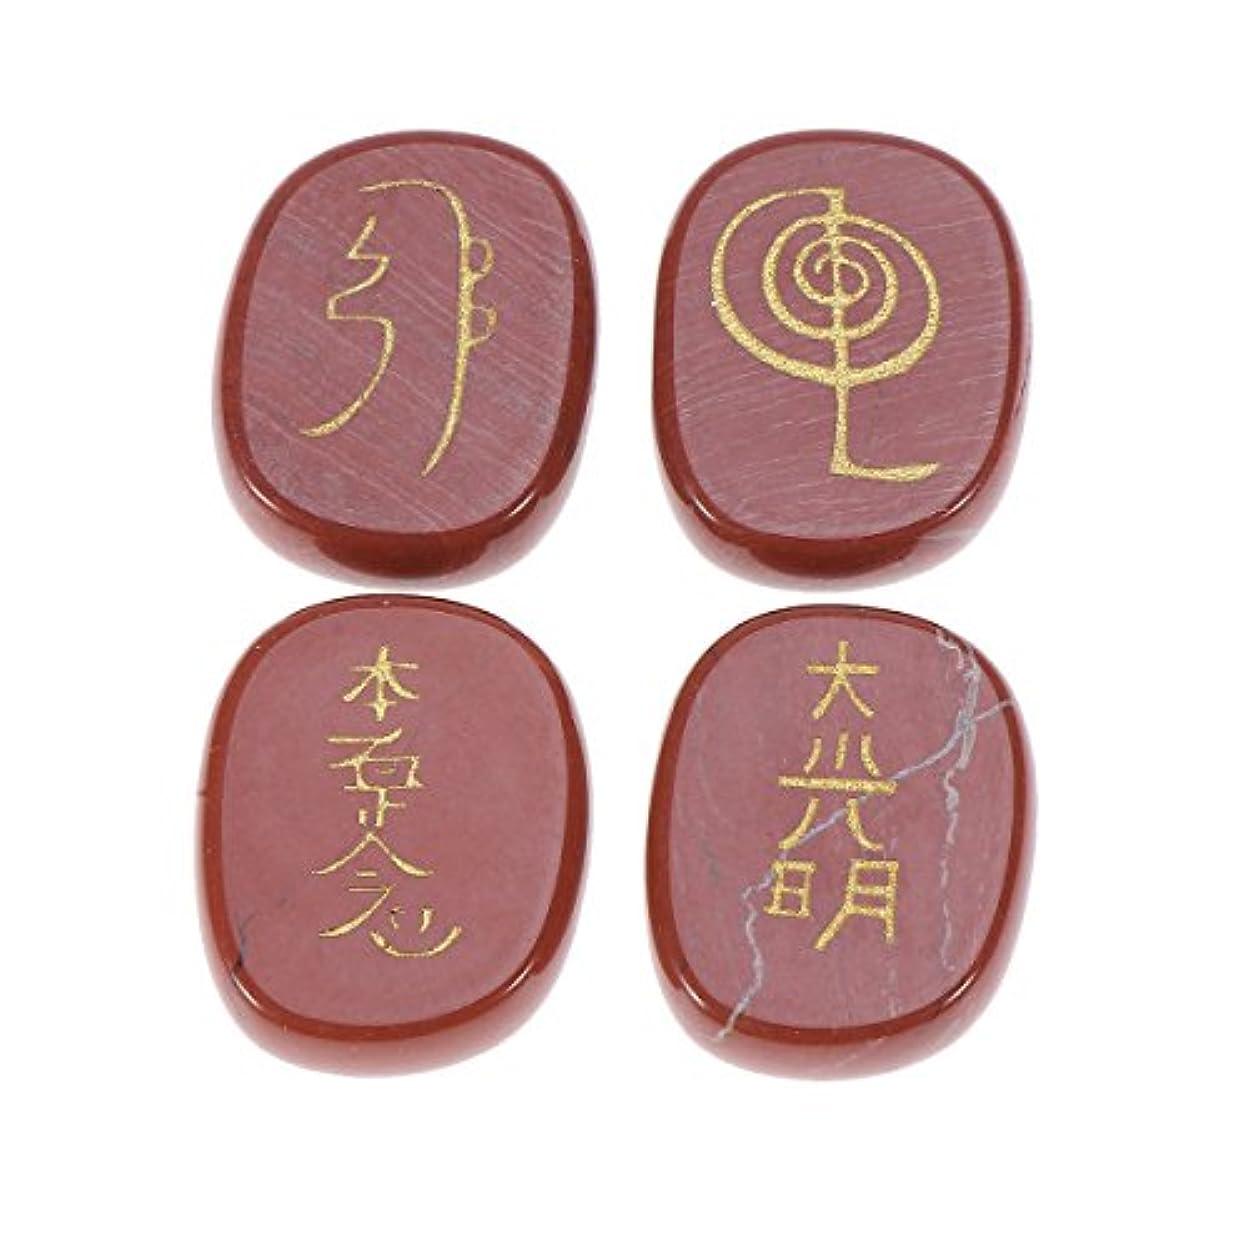 クリケット記事傾向がありますHealifty 宗教 石 彫刻 天然 クリスタルストーン エンジェル記号 彫刻 瞑想 4個(ダークレッド)